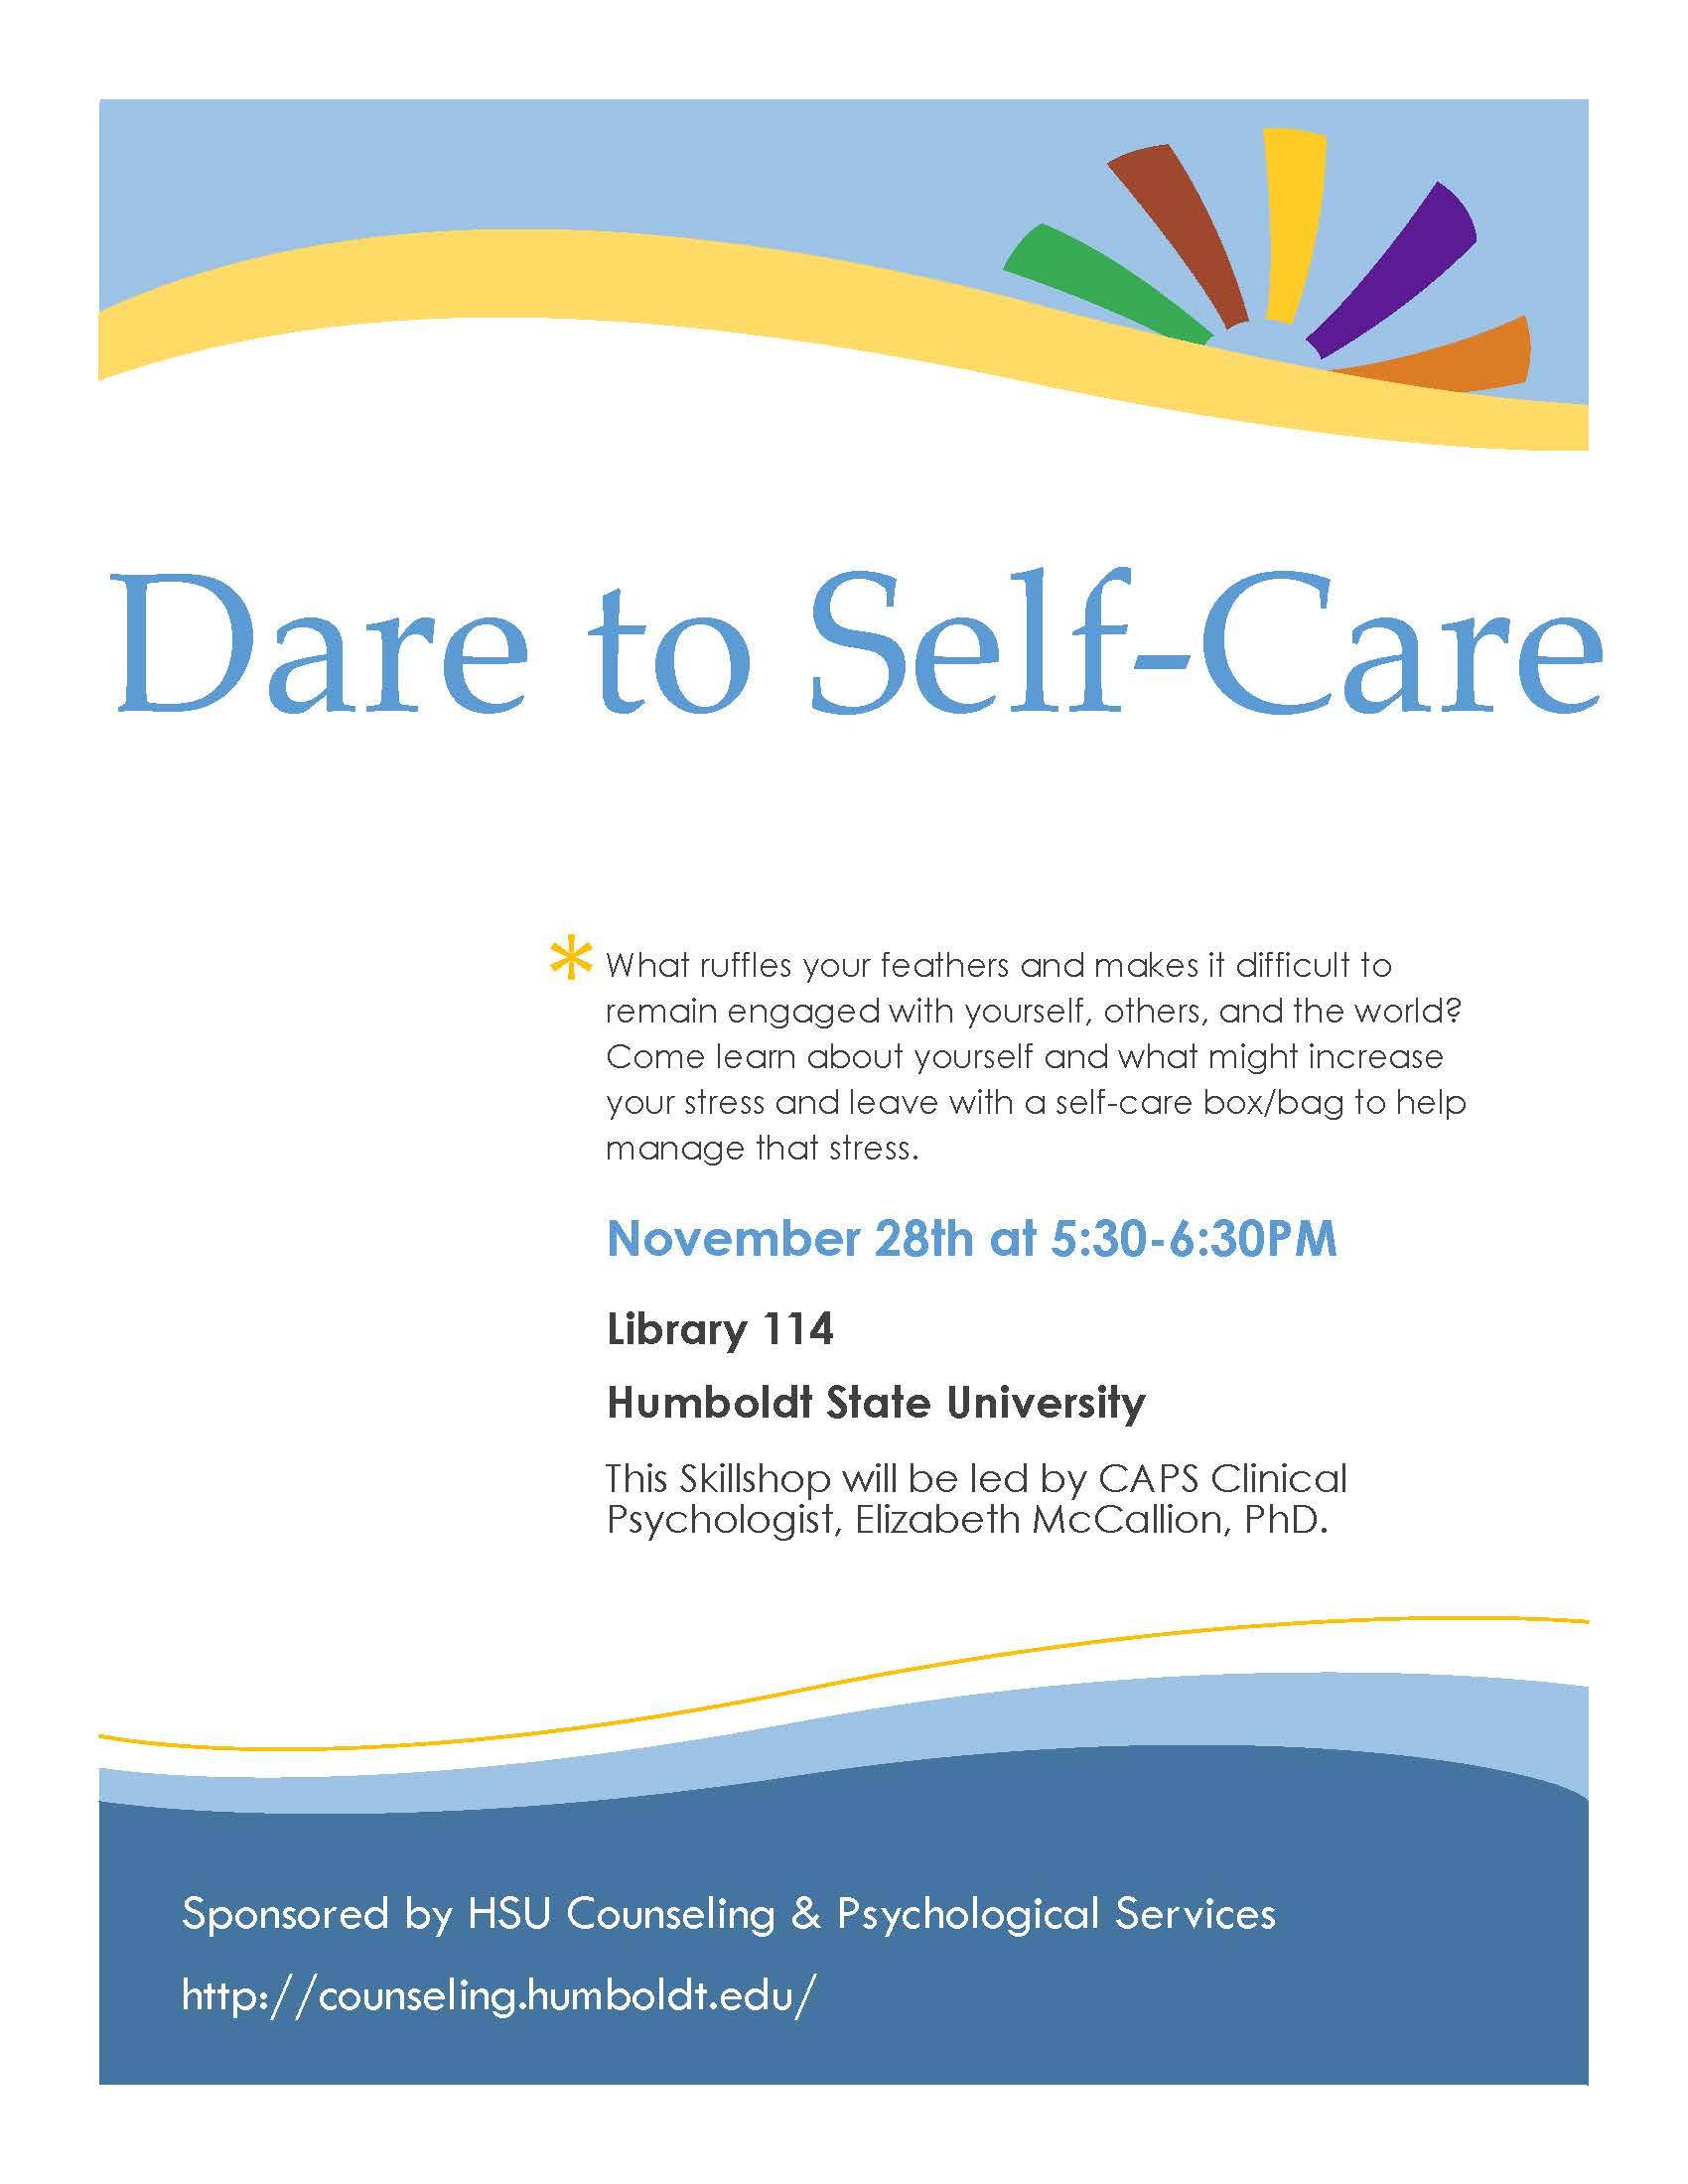 Dare to Self-Care